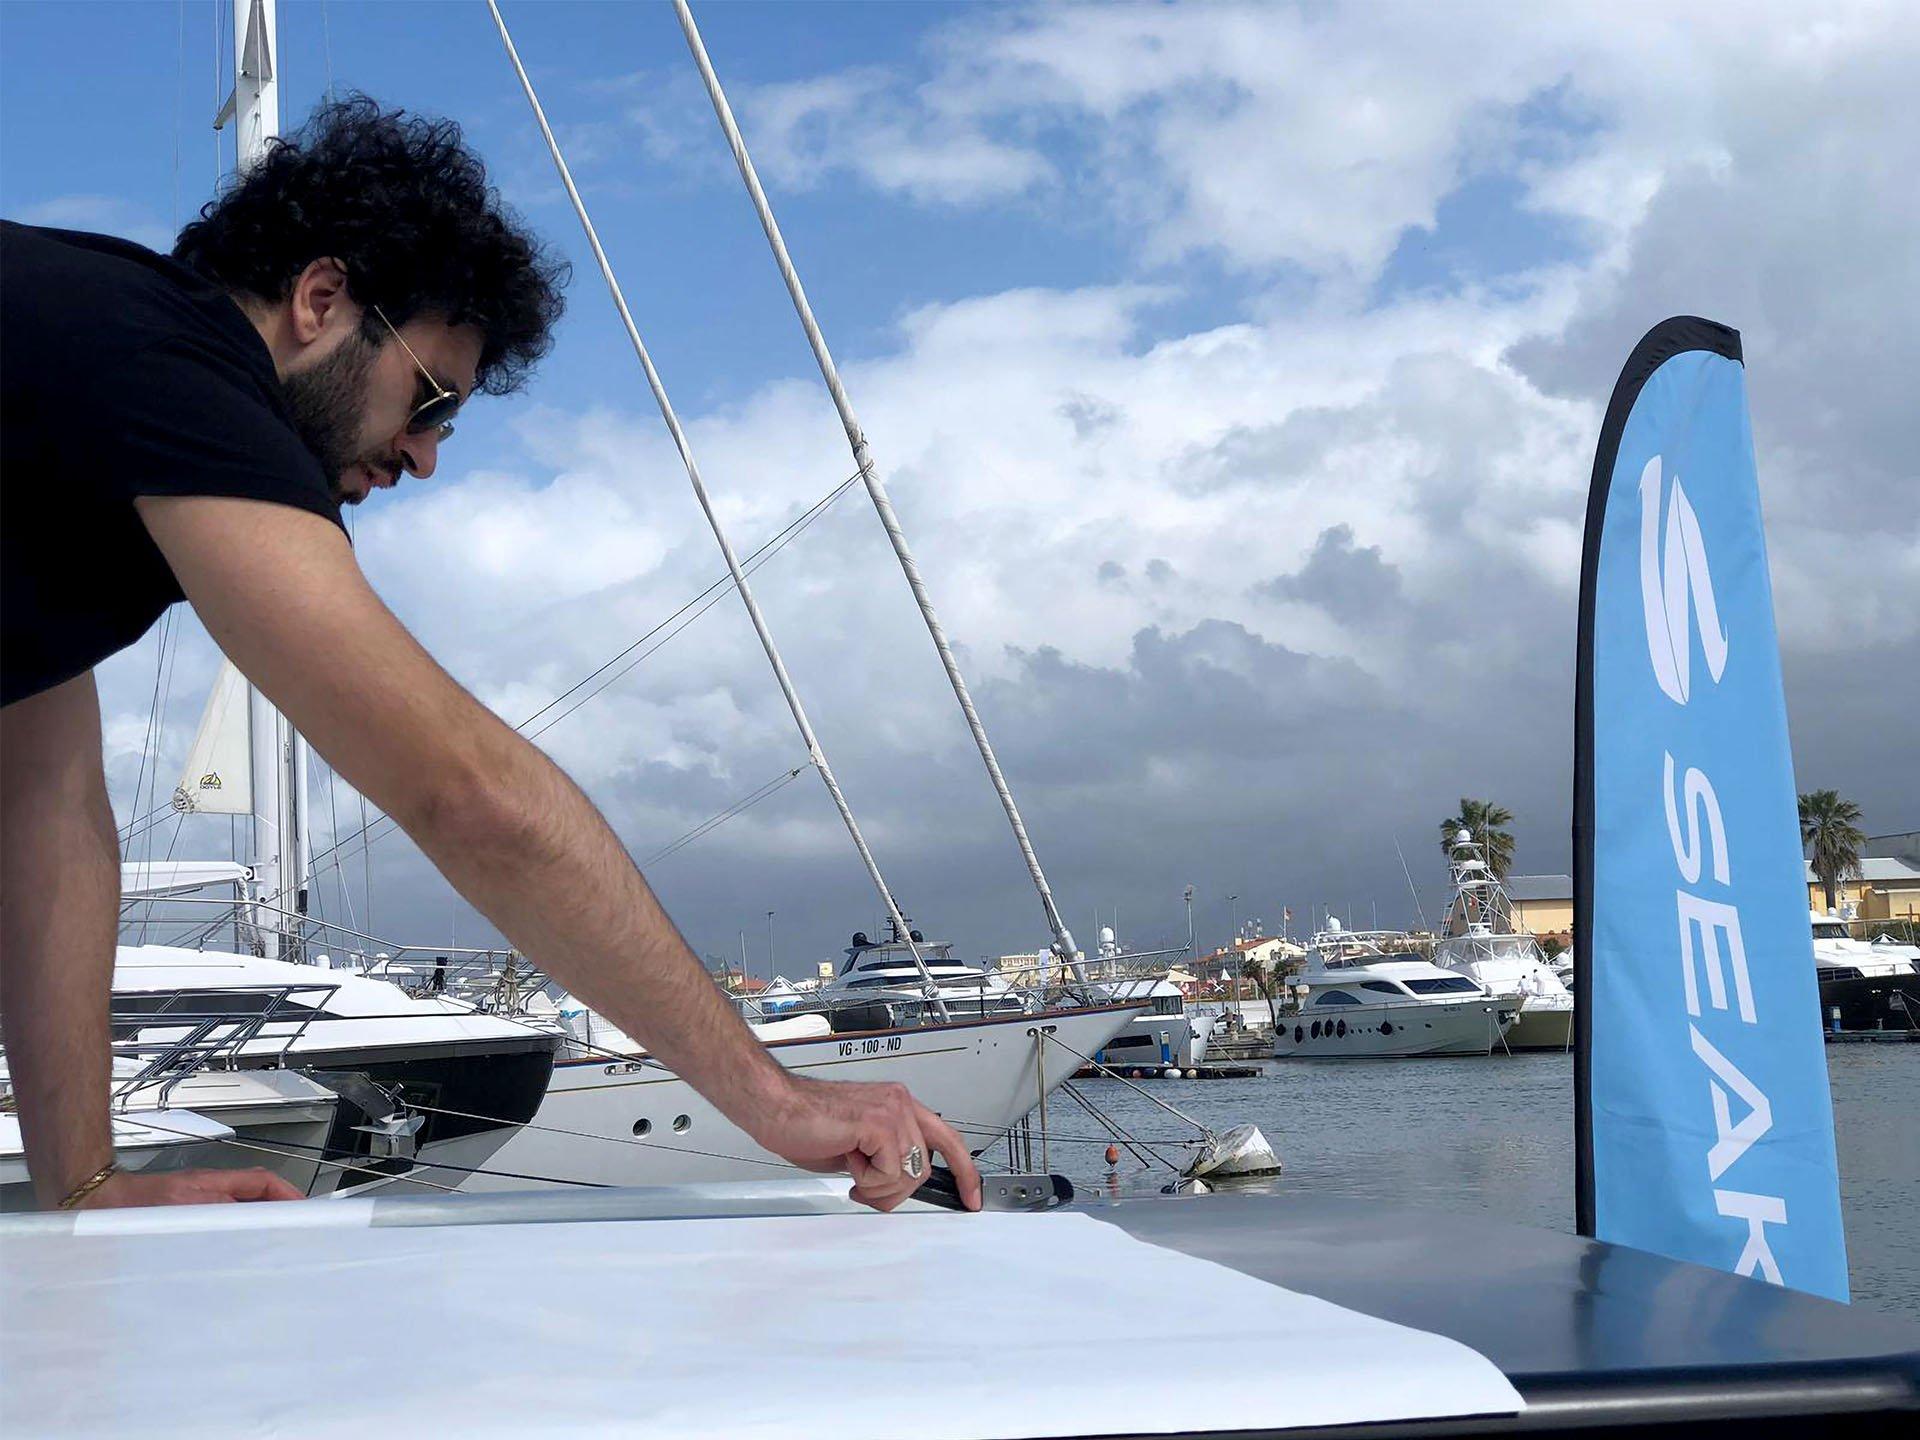 Yacht Stabilizer